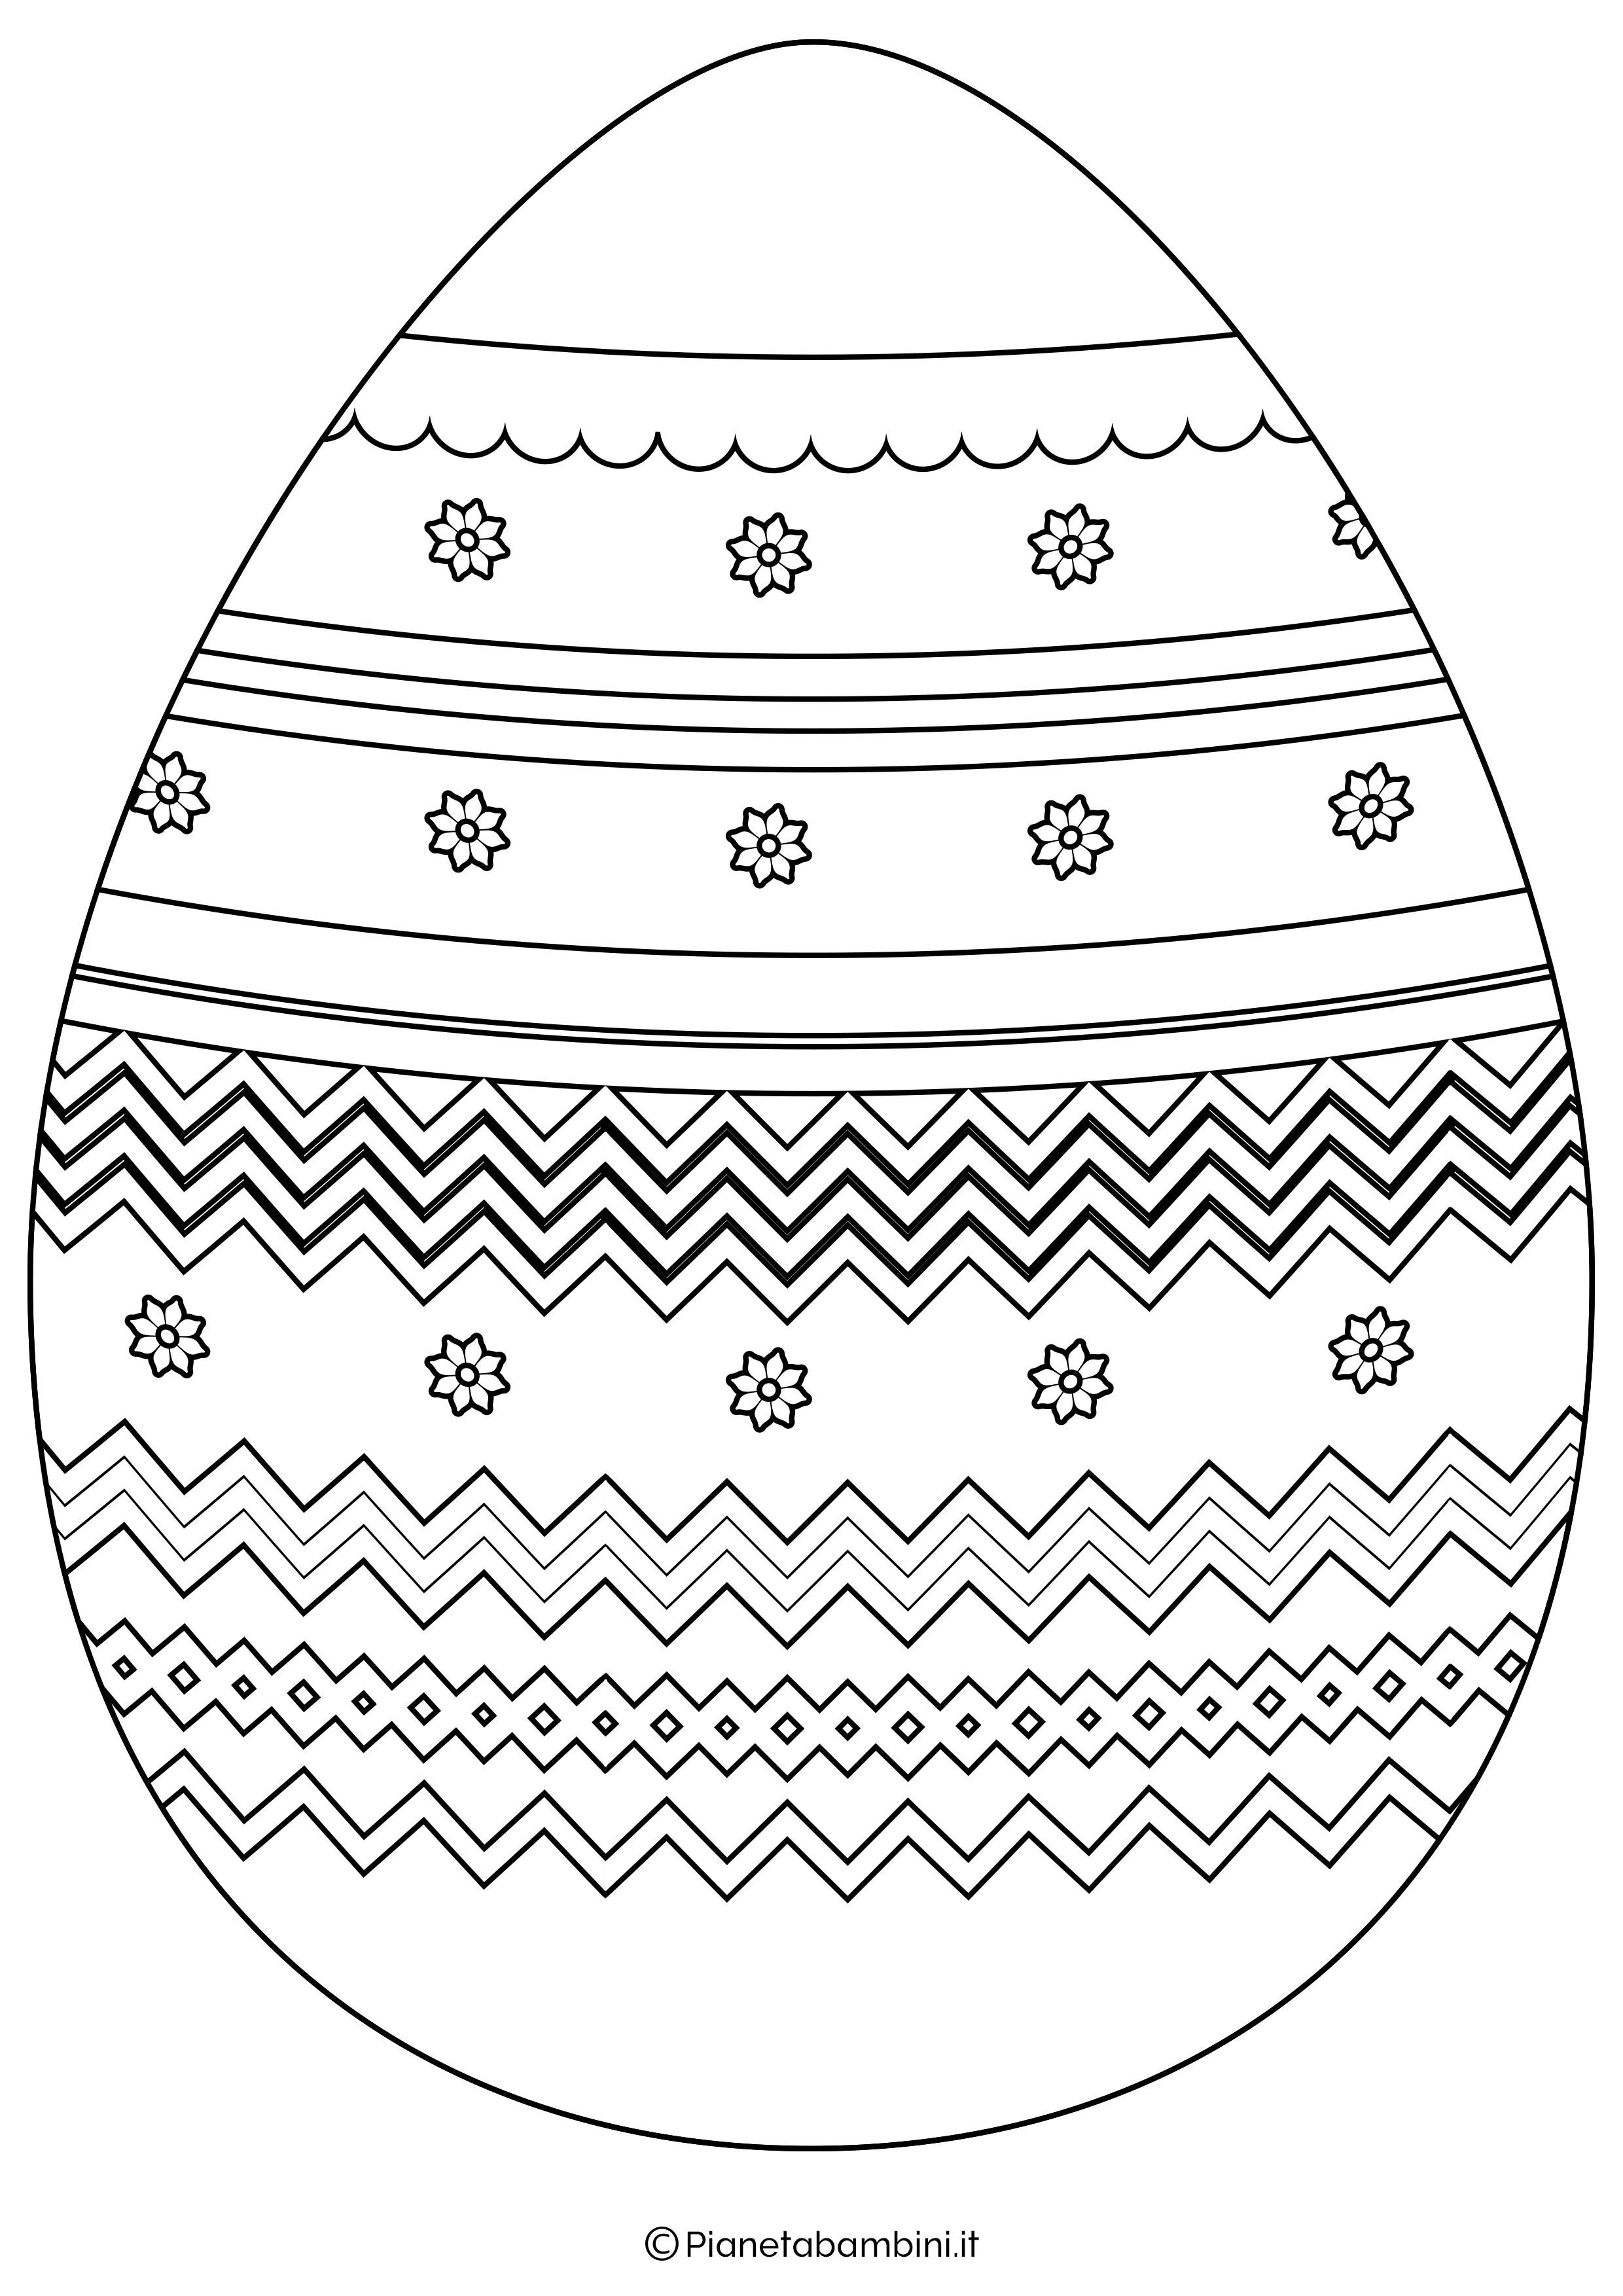 Disegno-Uova-Pasqua-08